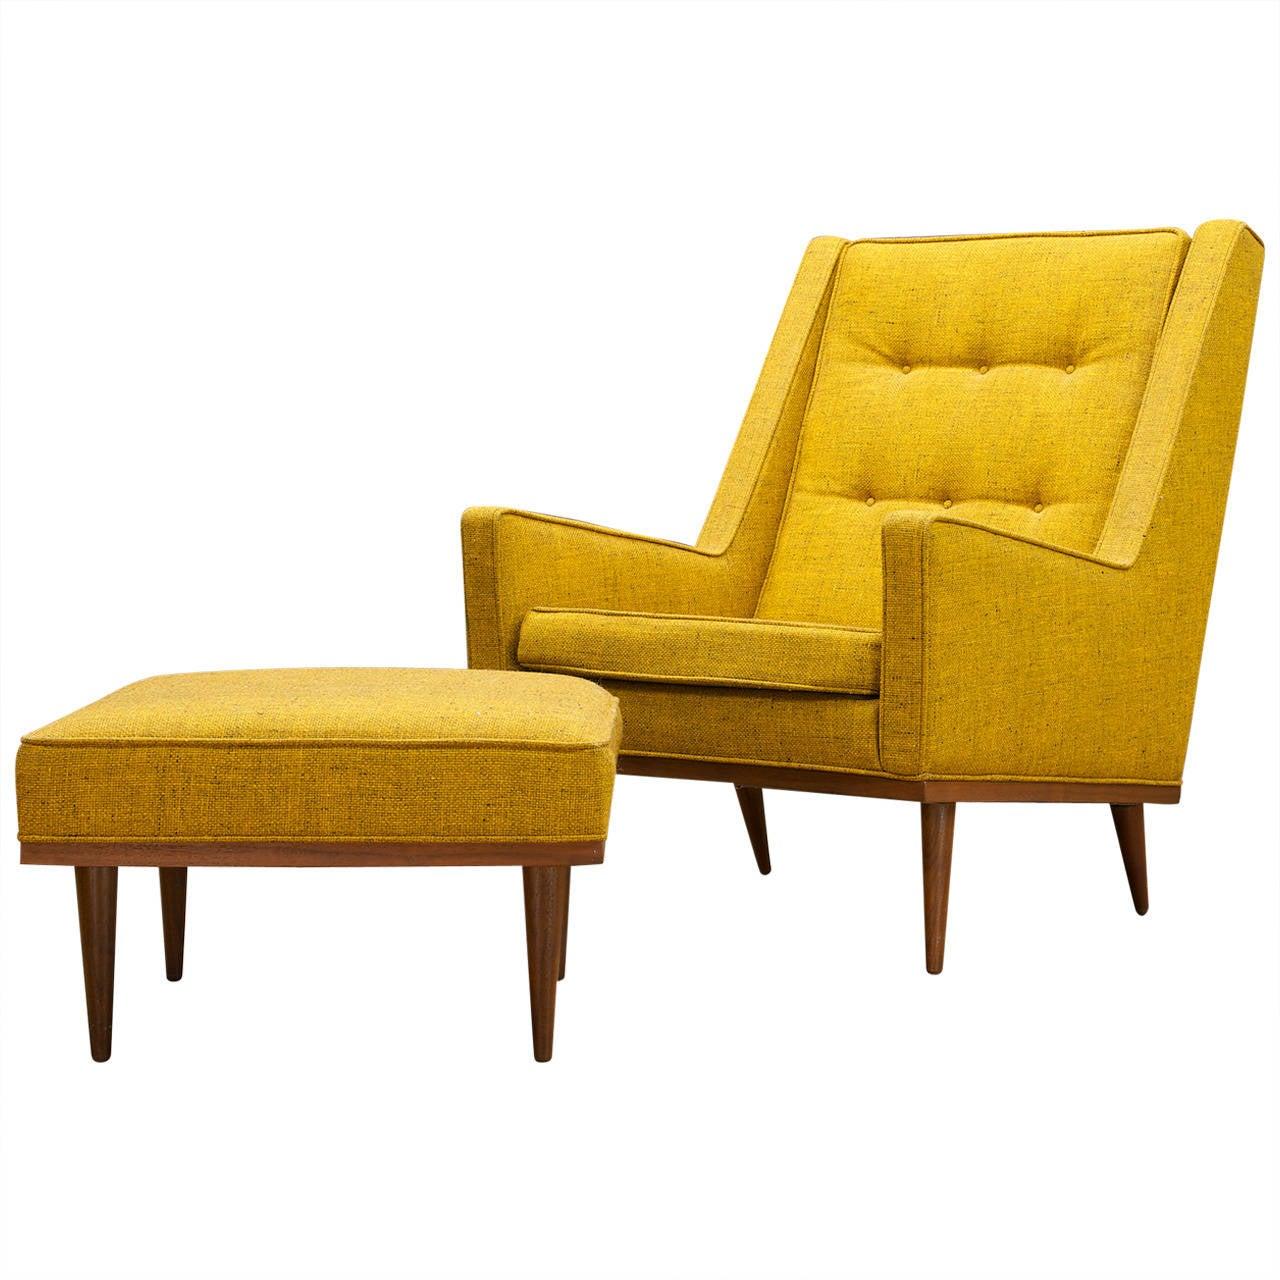 Milo Baughman Highback Articulate Chair Ottoman For